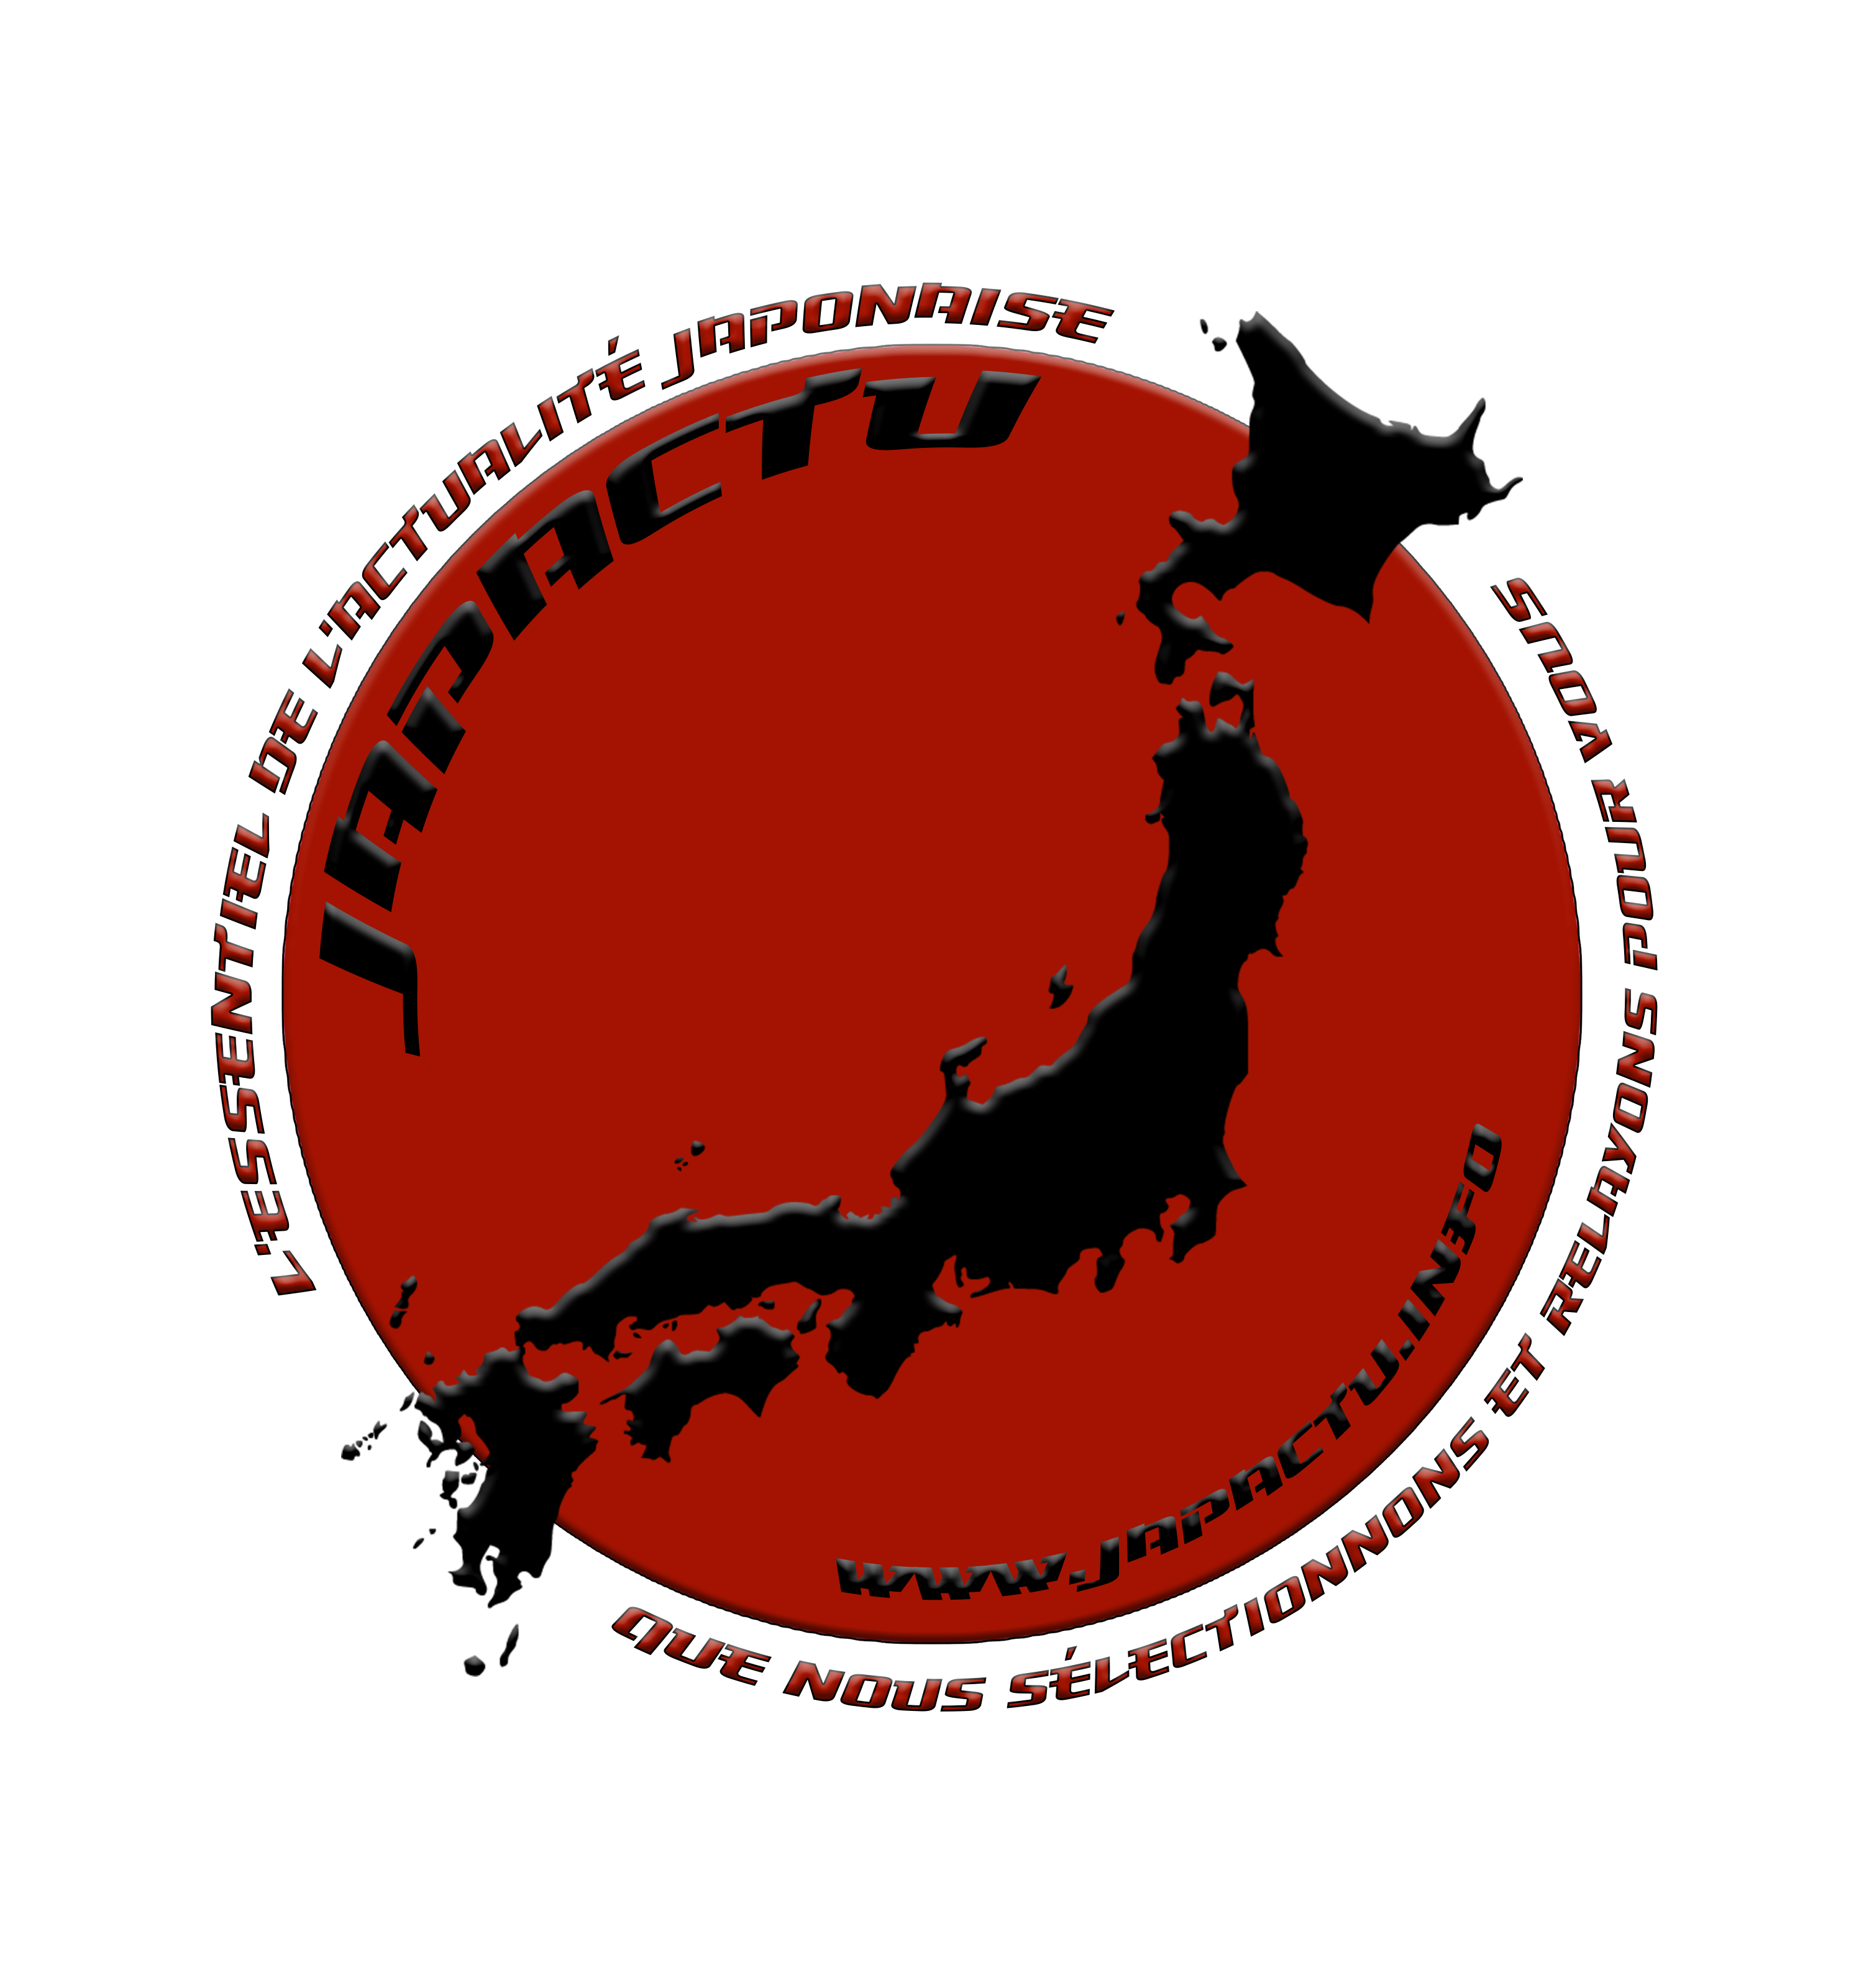 Jap Actu